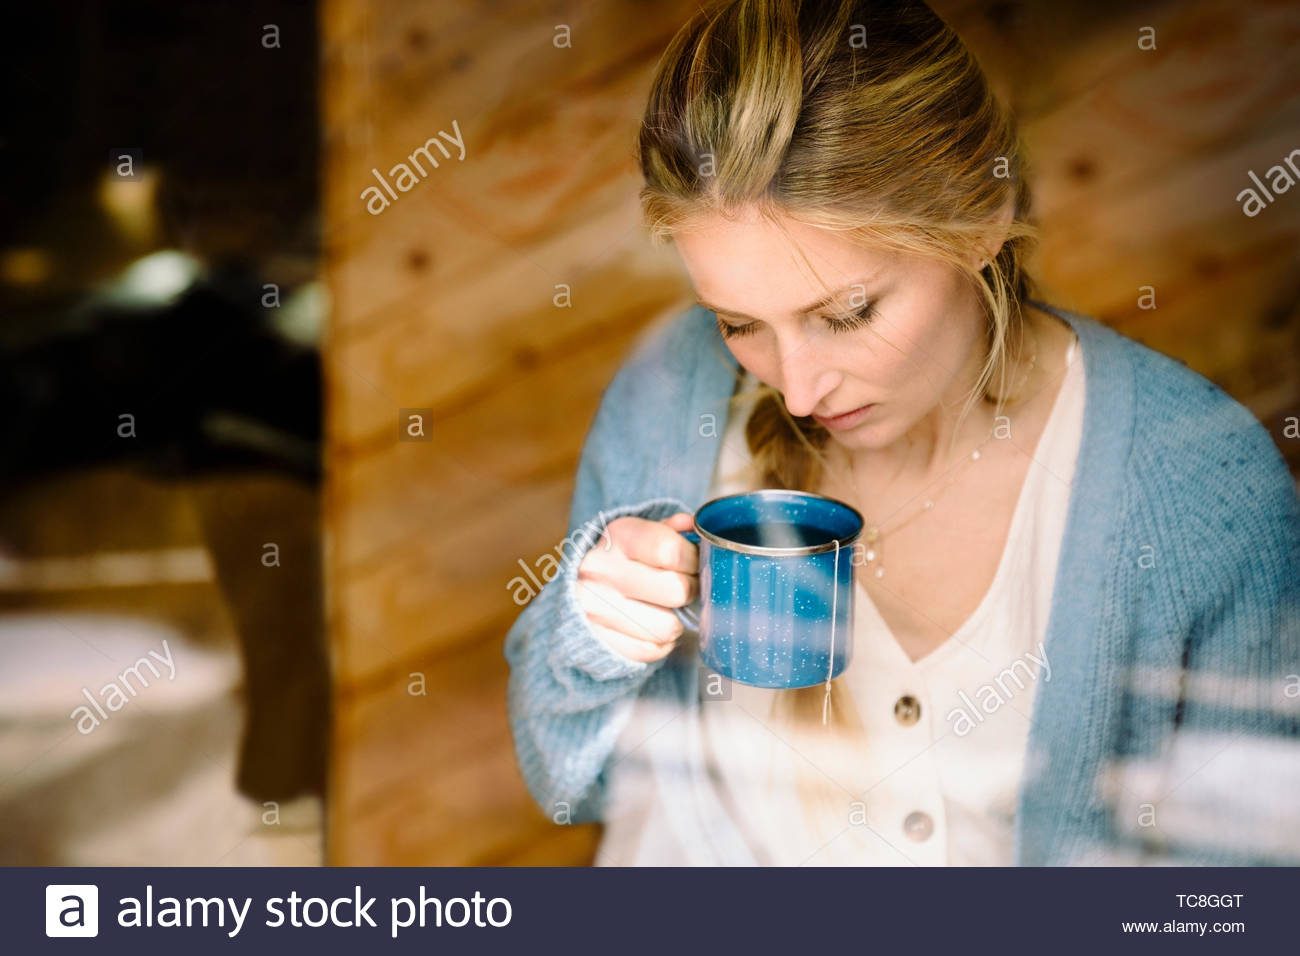 Serene woman drinking tea Photo Stock